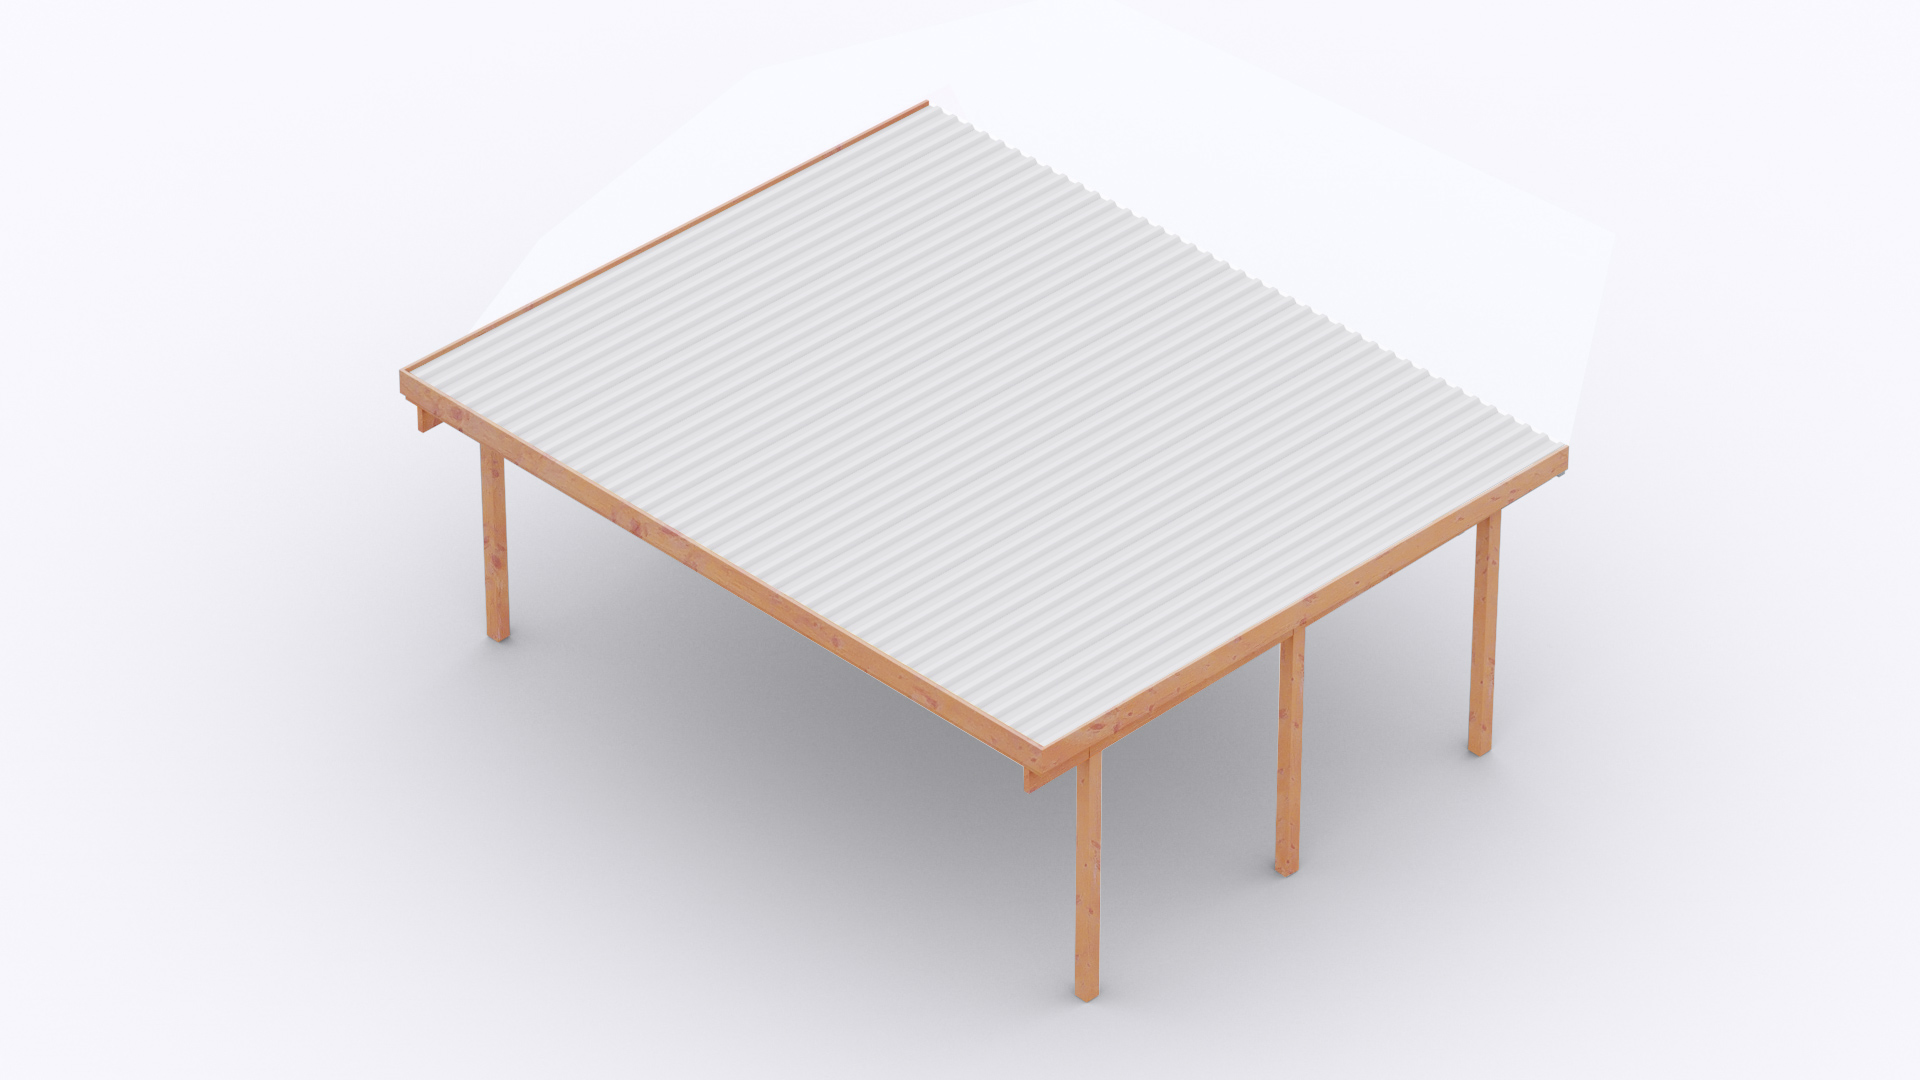 Amüsant Osto Holz Referenz Von Carport 610x510 Cm · Fichte · 2